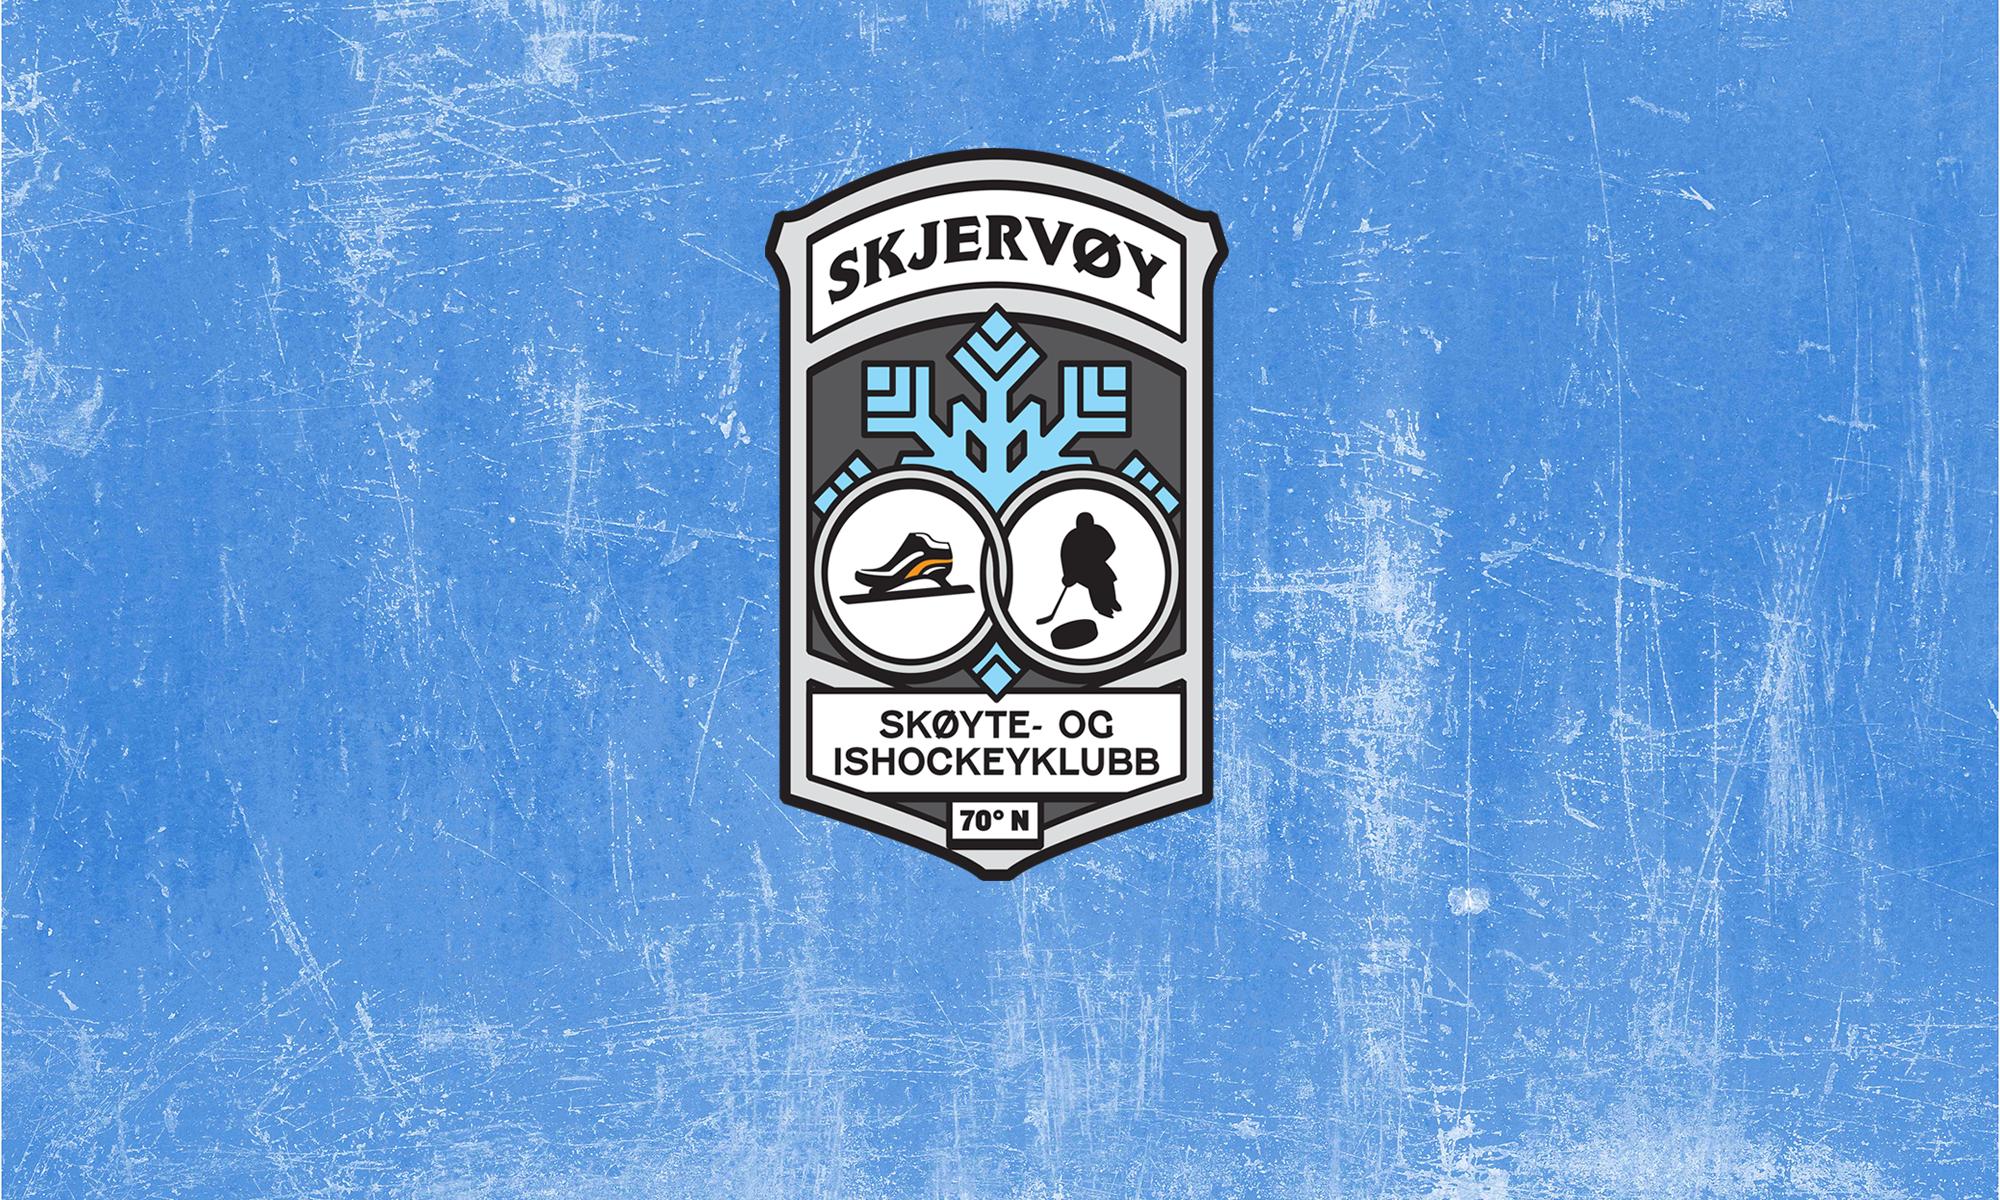 Skjervøy skøyte- og ishockeyklubb